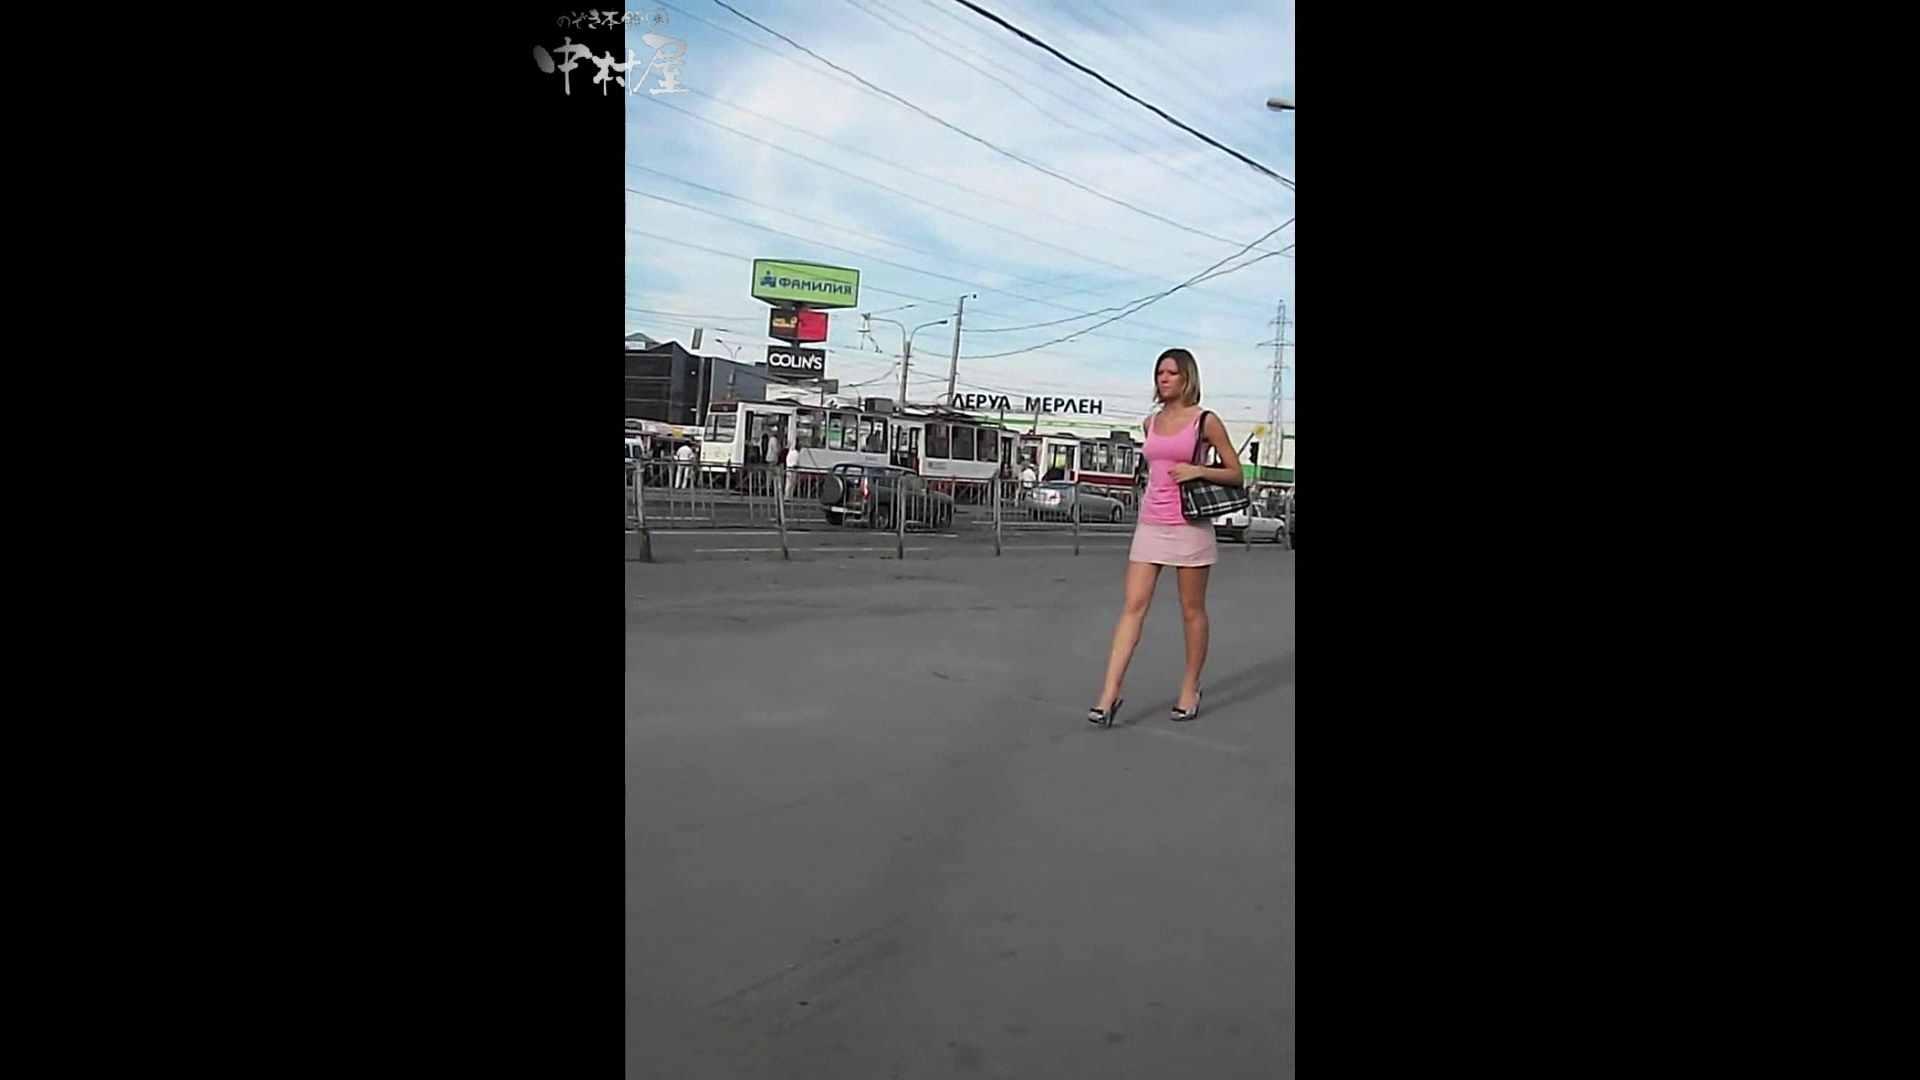 綺麗なモデルさんのスカート捲っちゃおう‼ vol15 お姉さんヌード | OLセックス  79画像 5